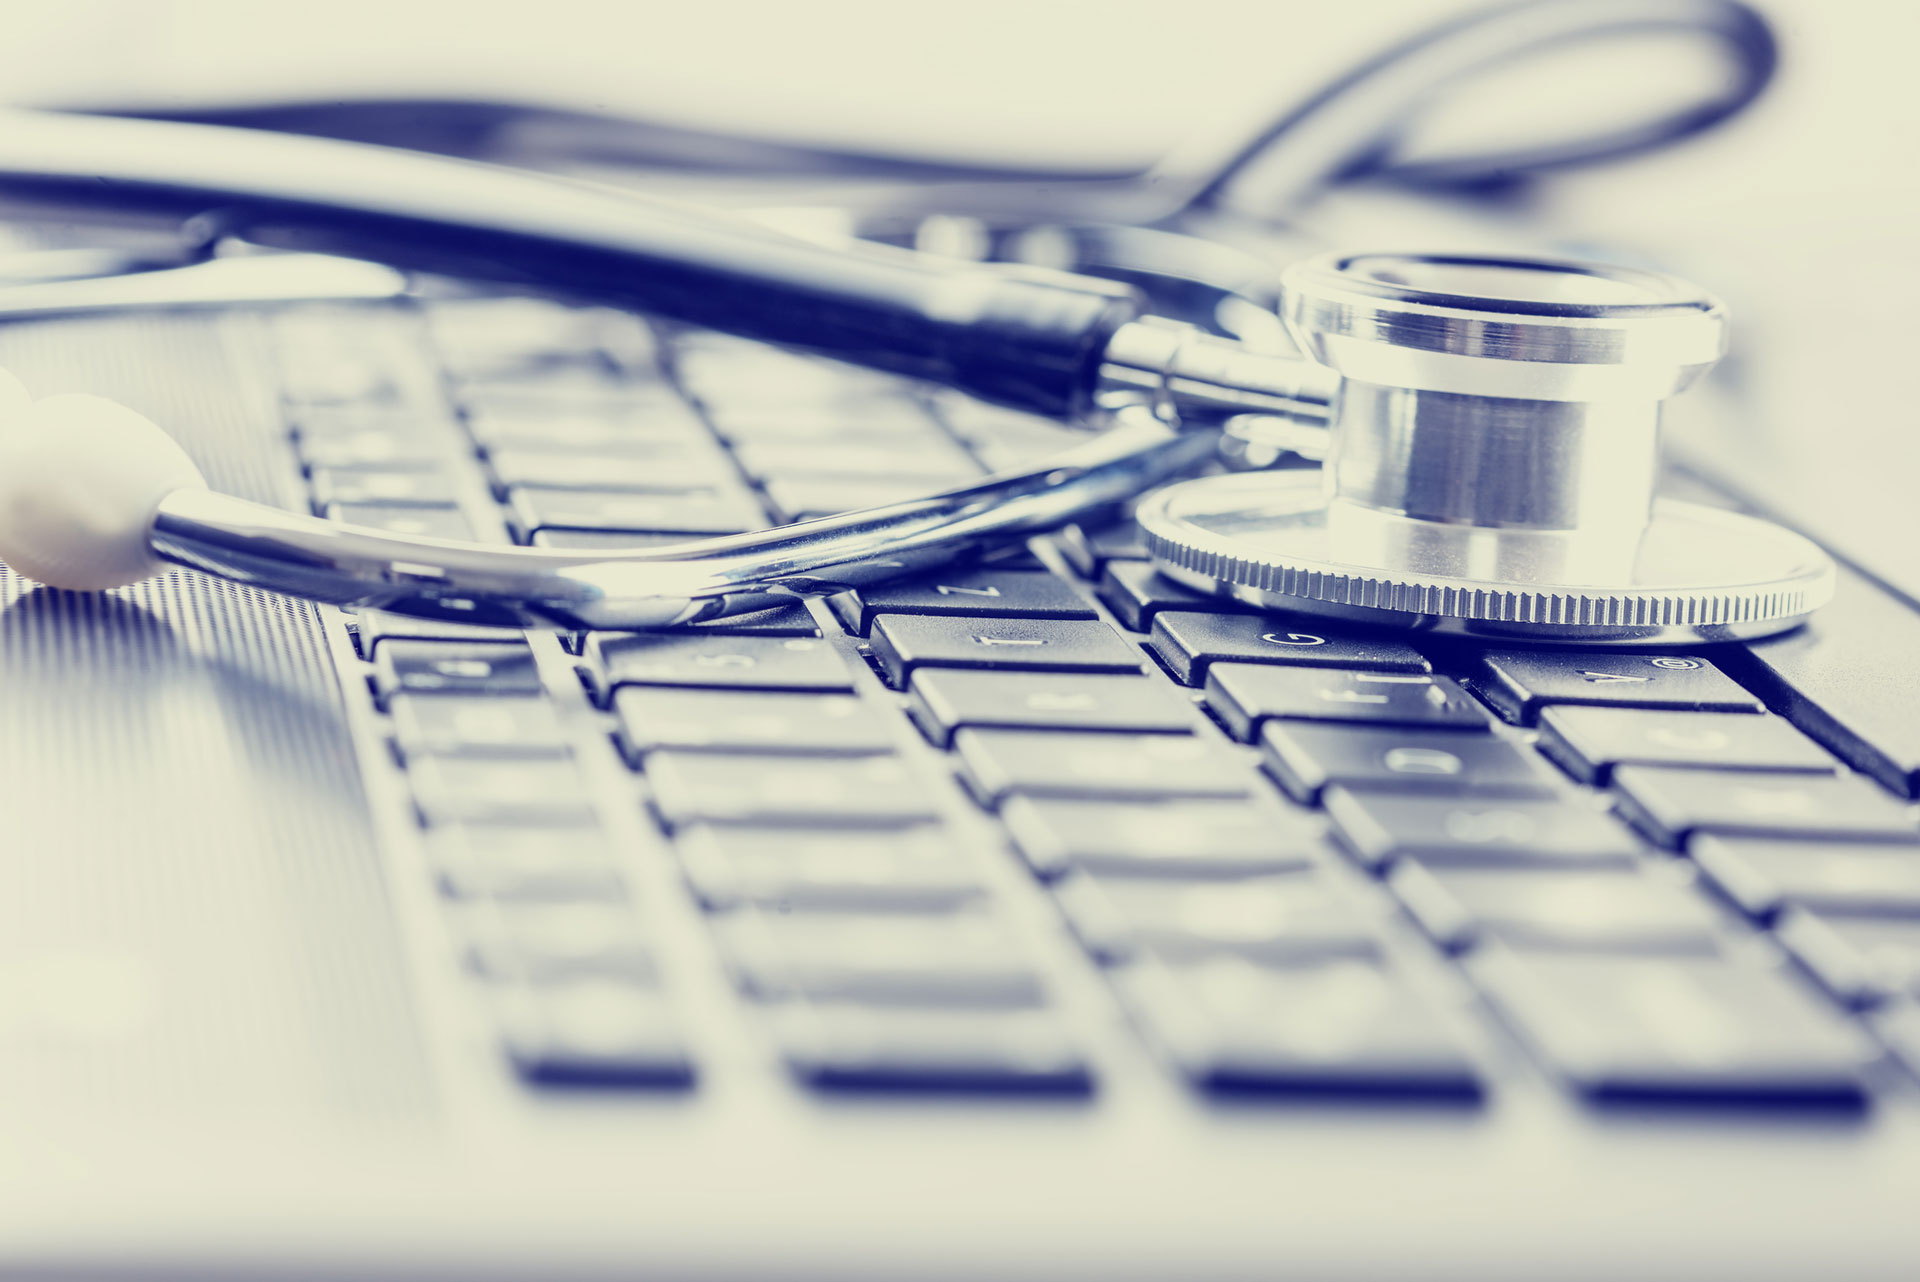 Telemedicina, tra opportunità e smantellamenti